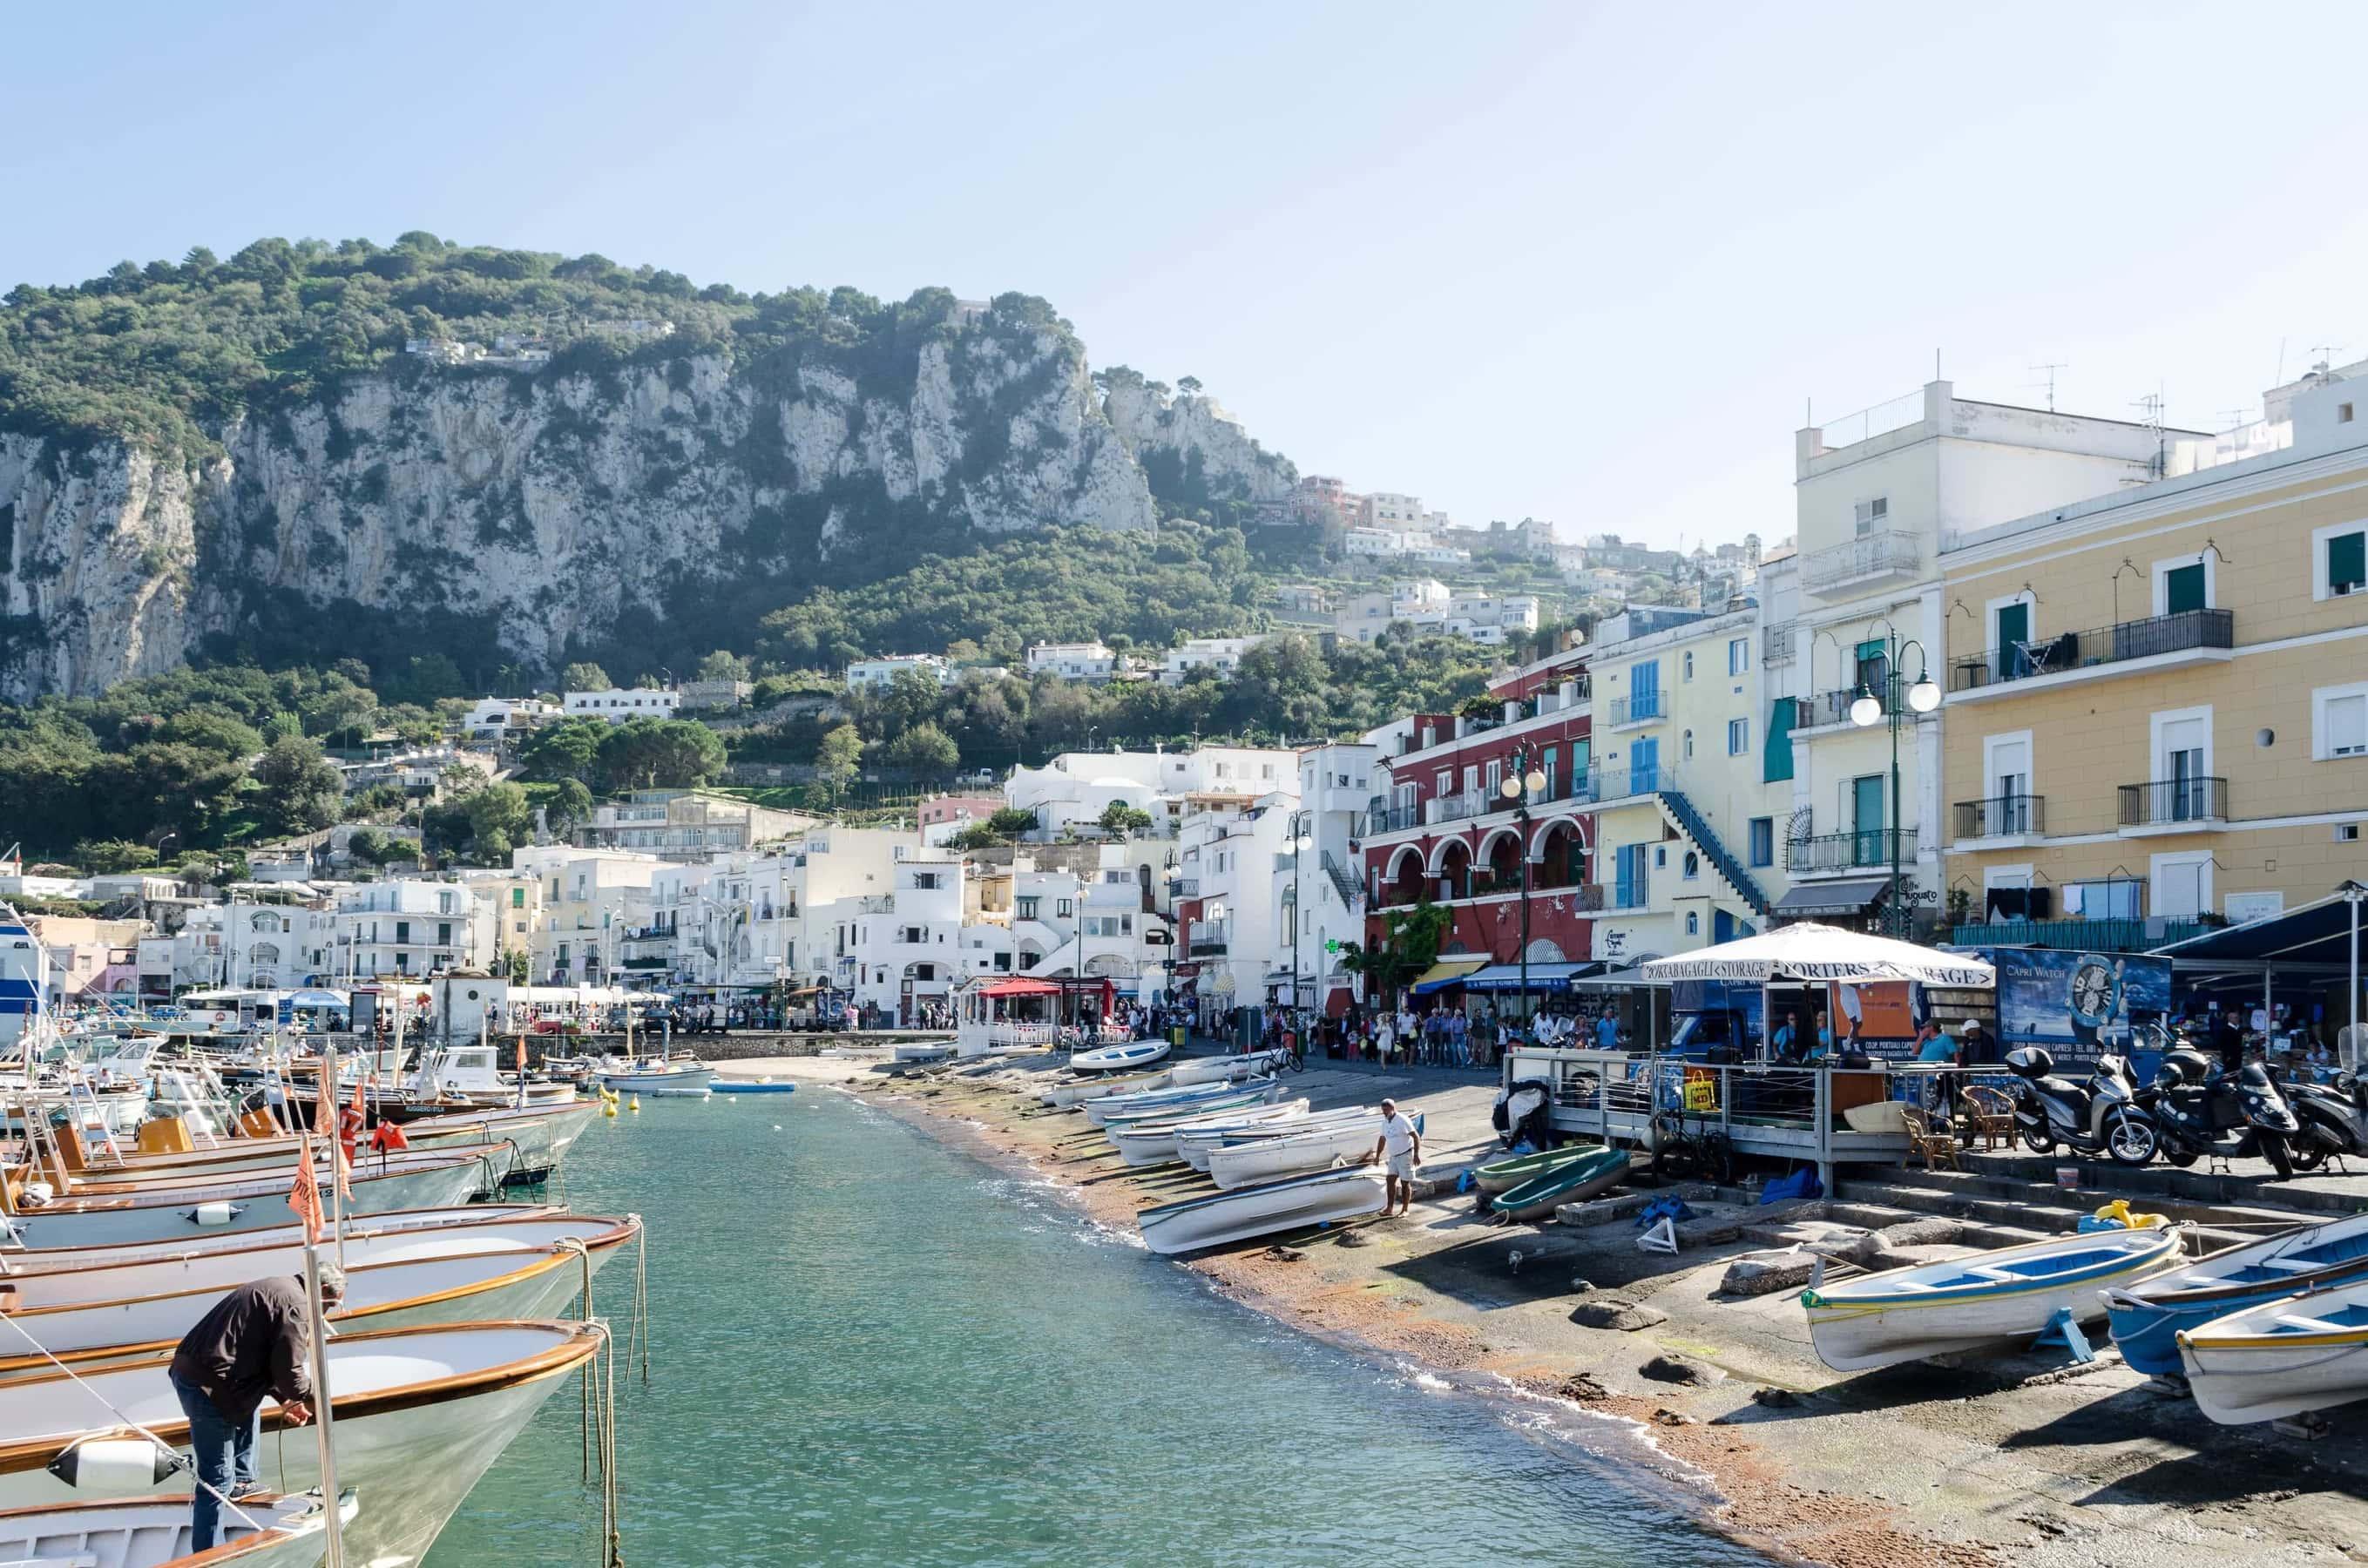 Hafen von Capri